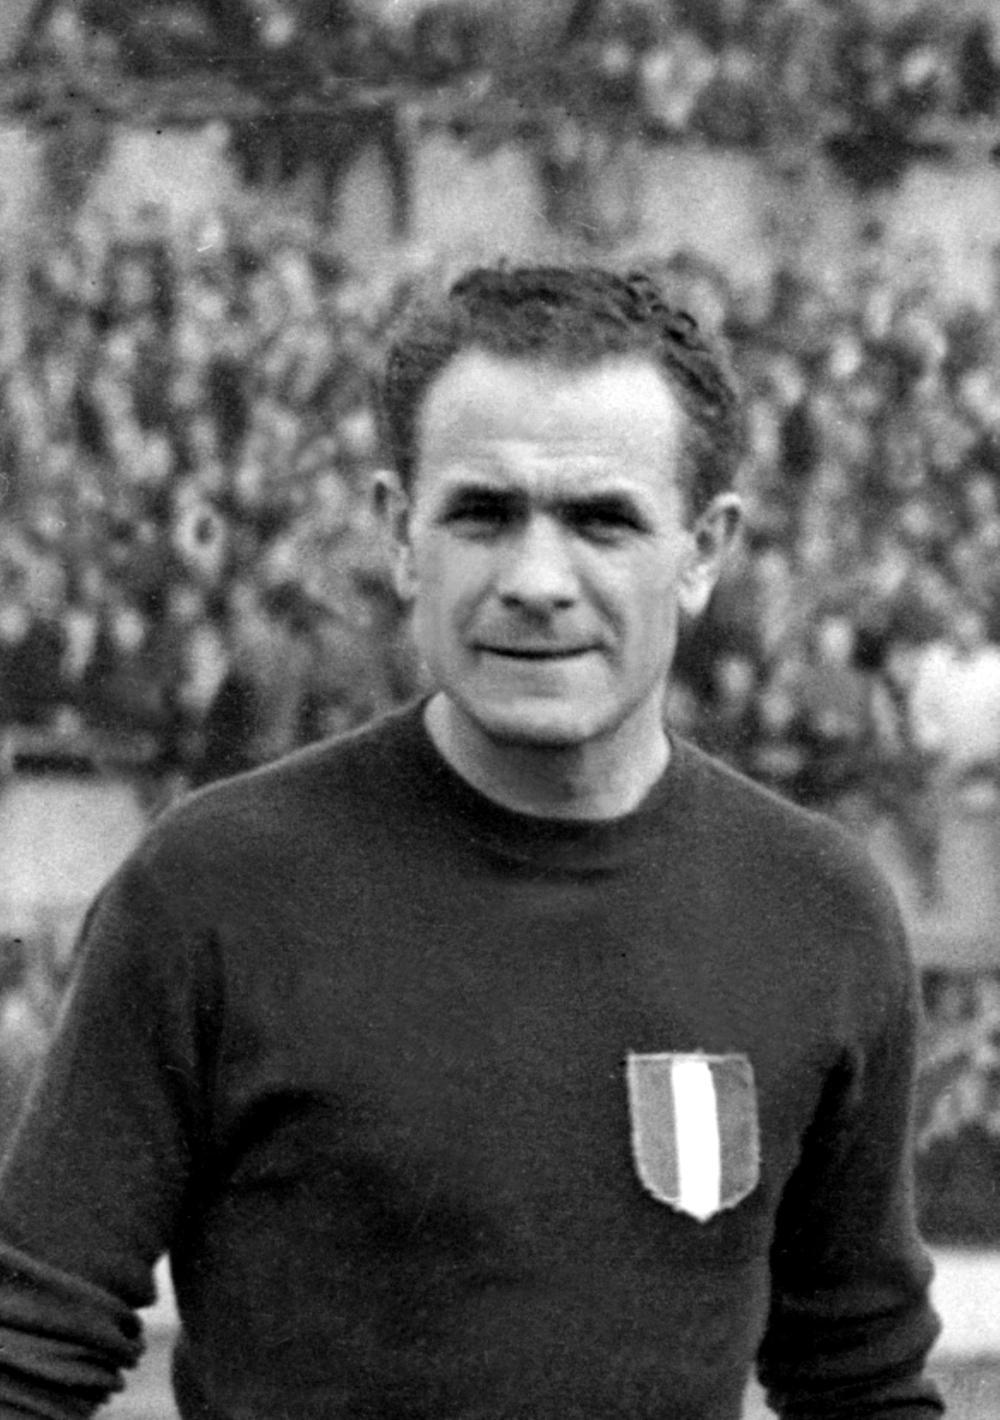 Eusebio Castigliano